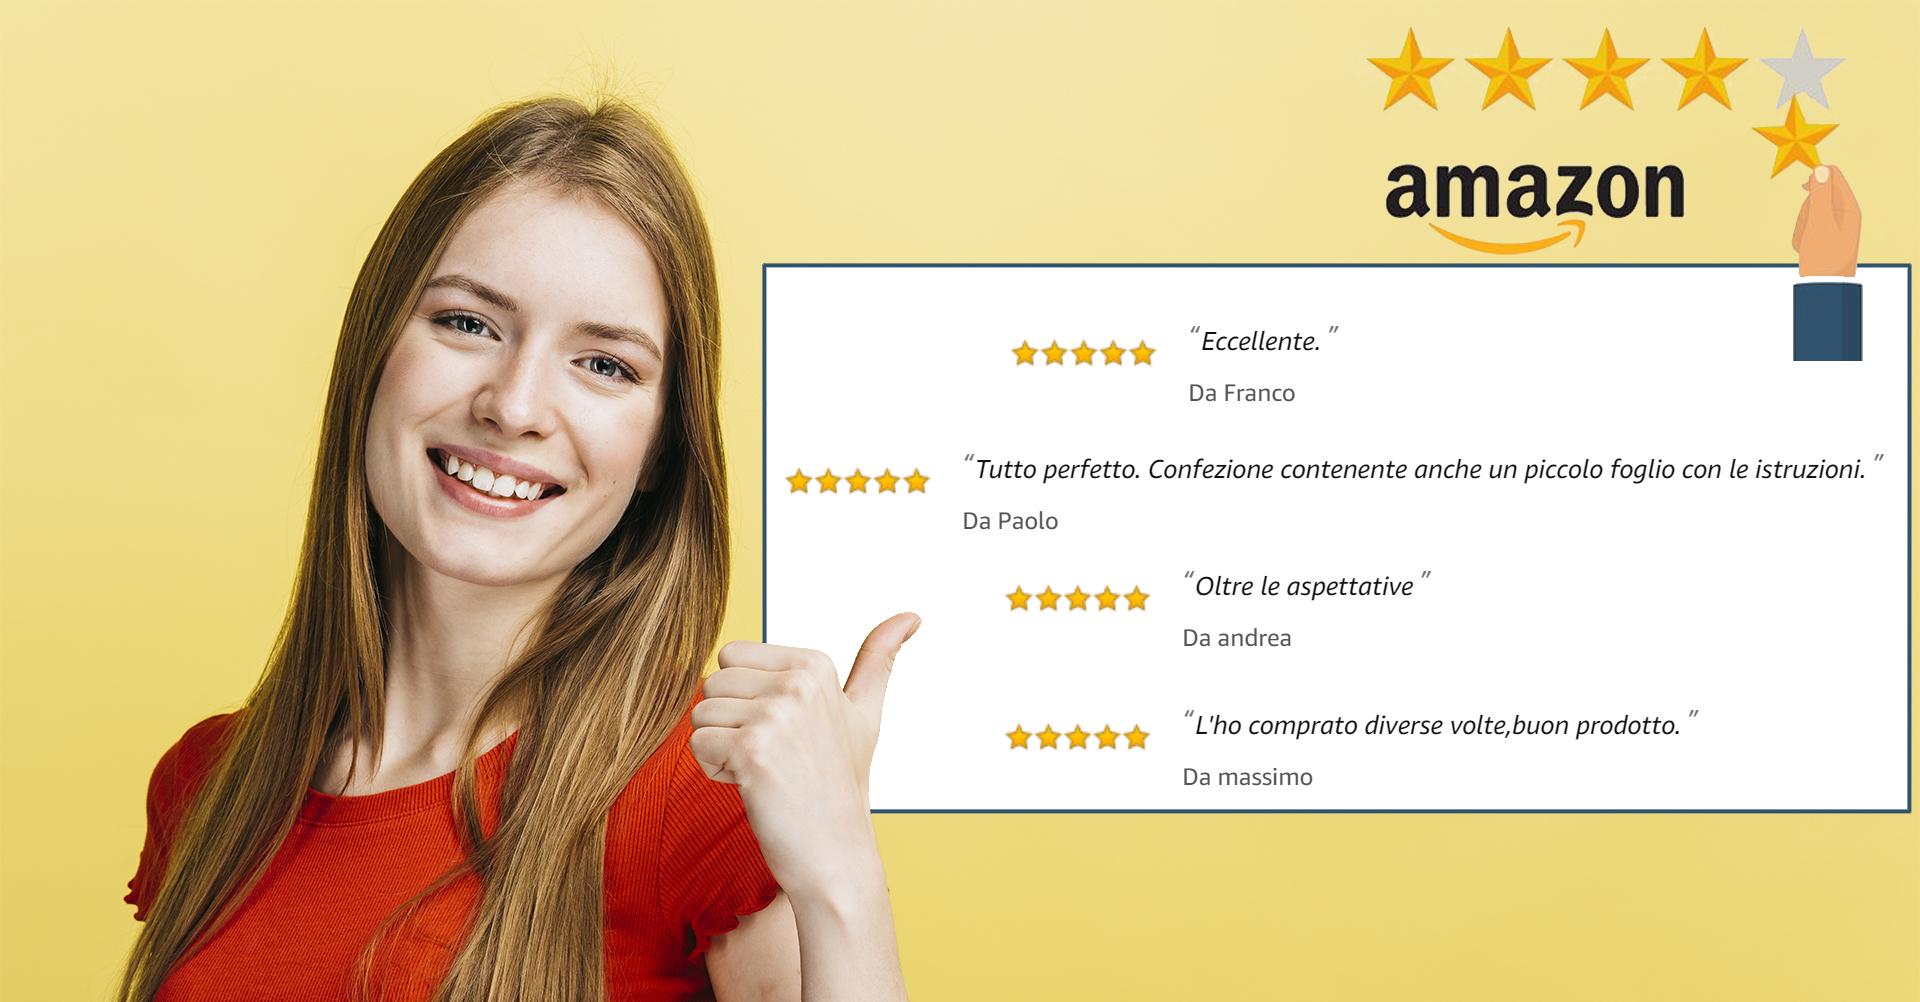 amazon reviews cp lubrificanti